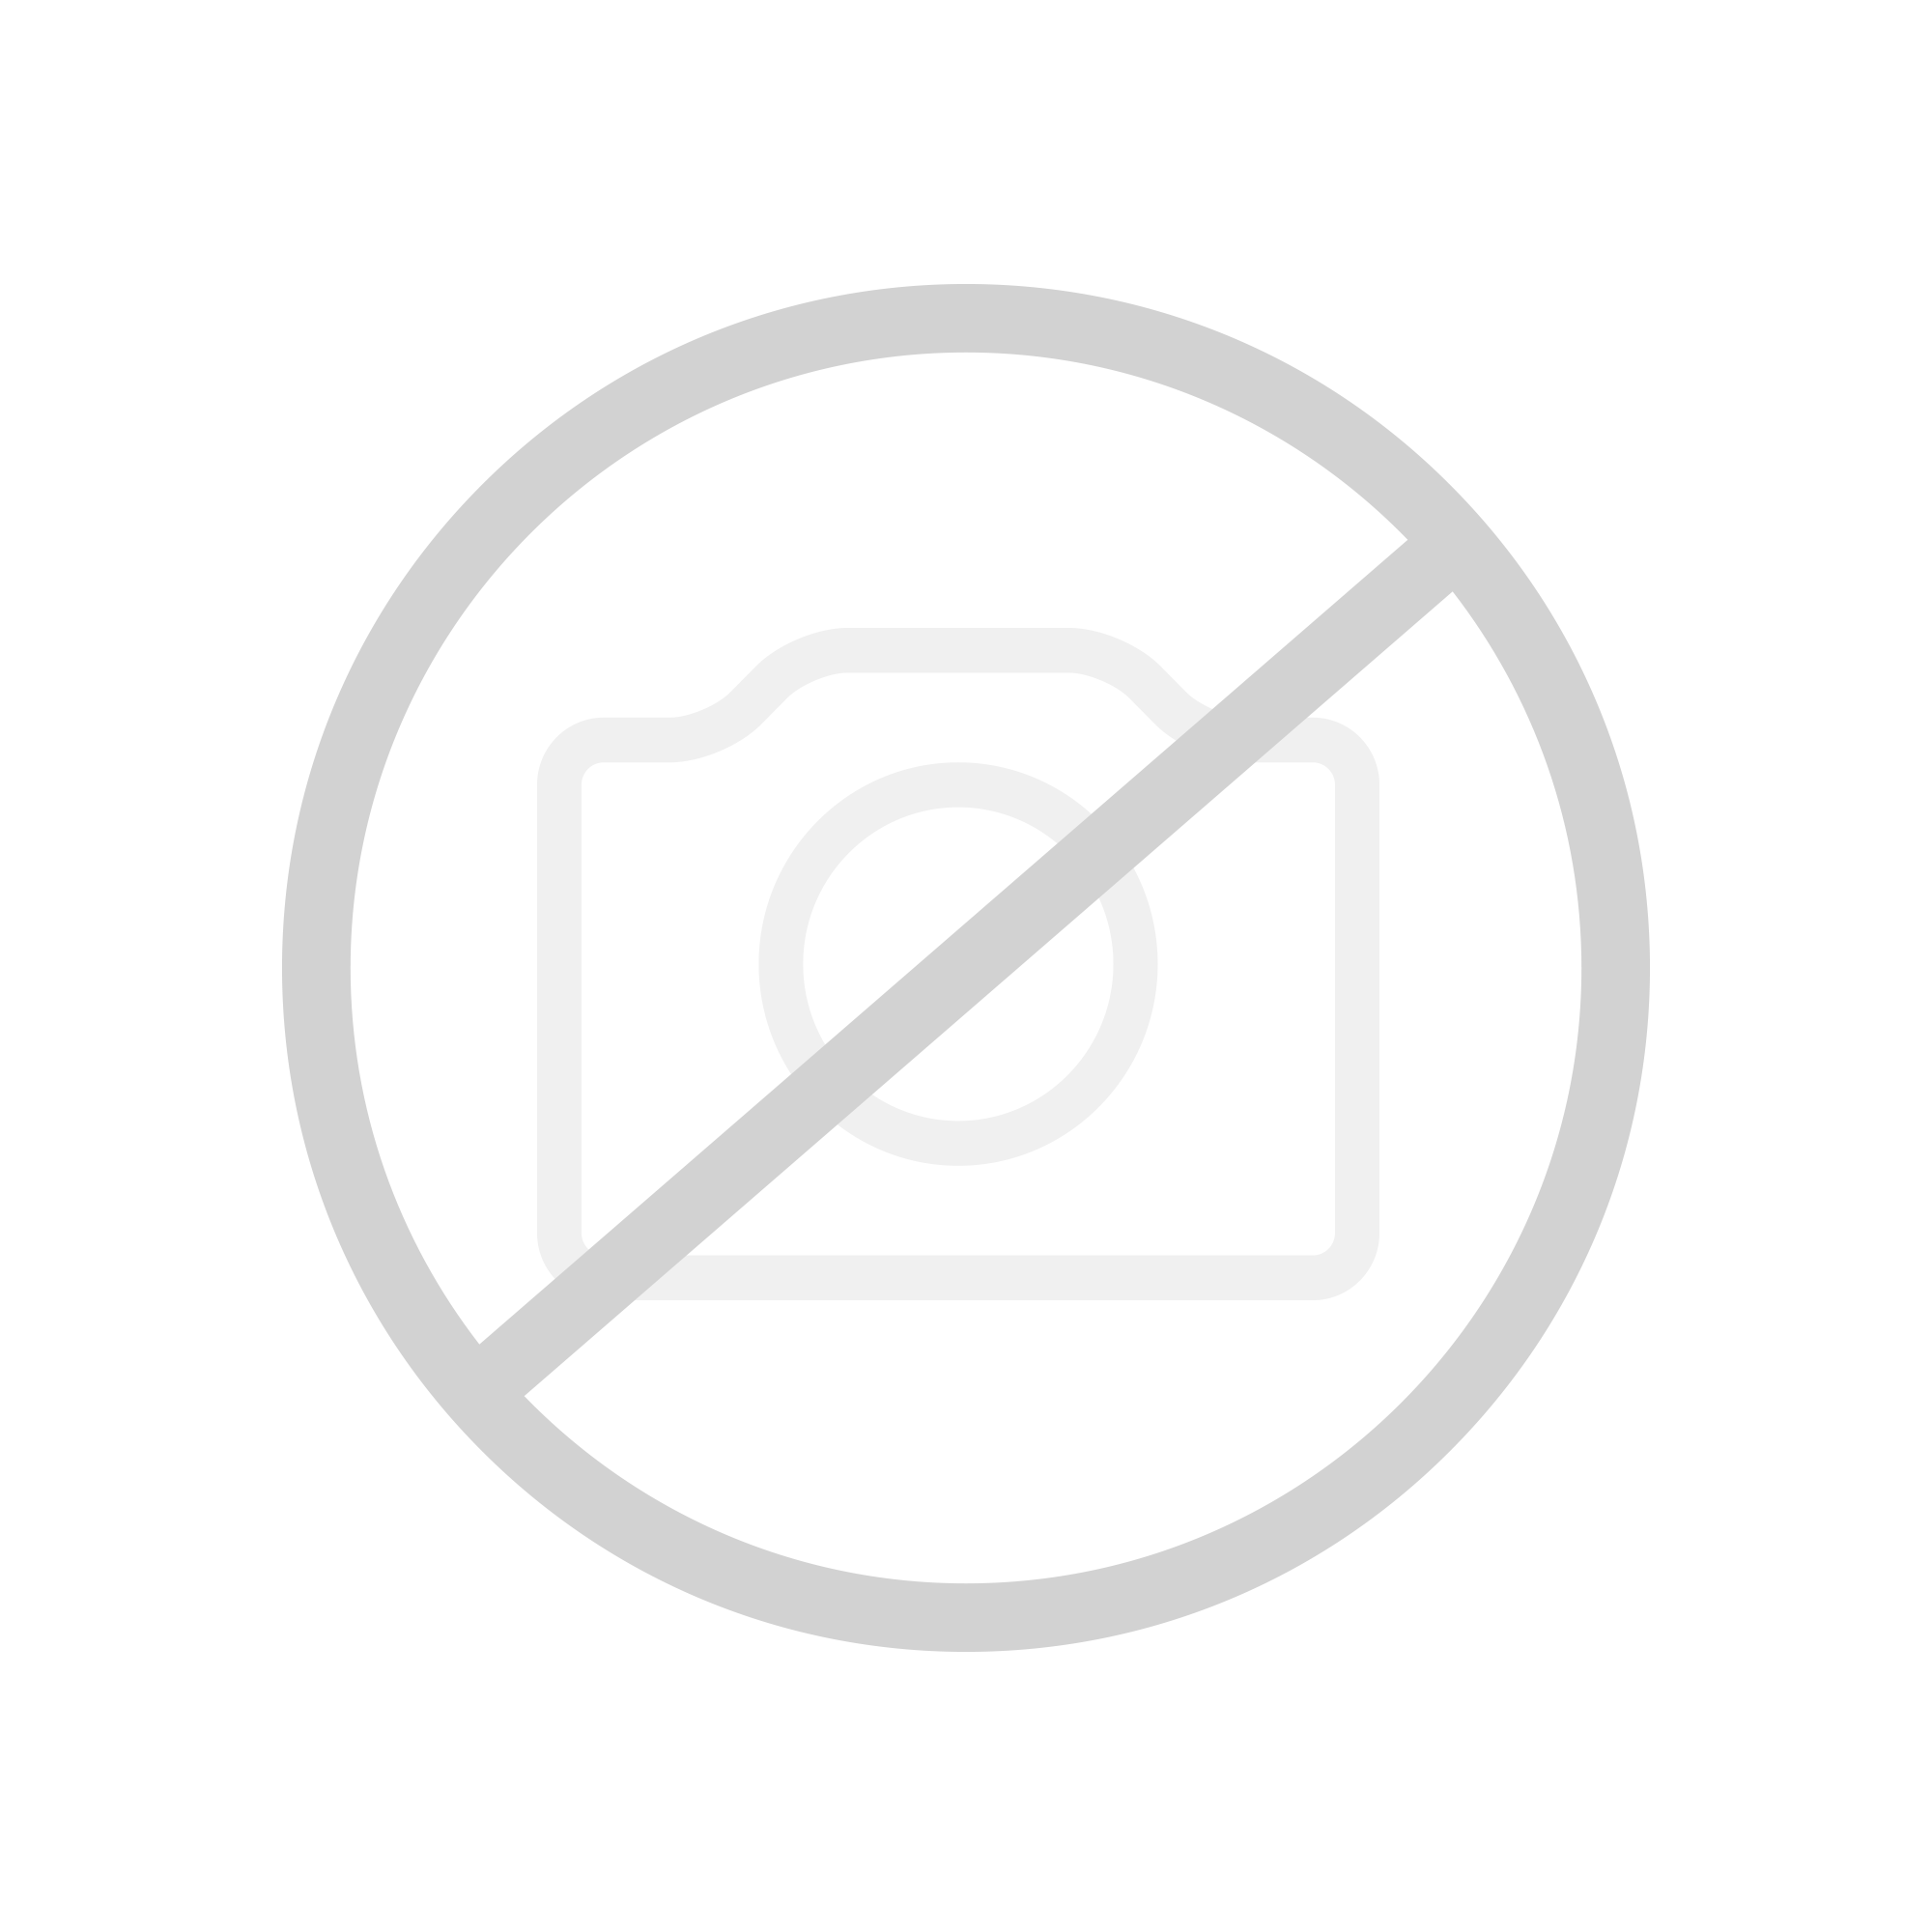 Dornbracht Profi - Spültisch-Einhandbatterie rechts chrom